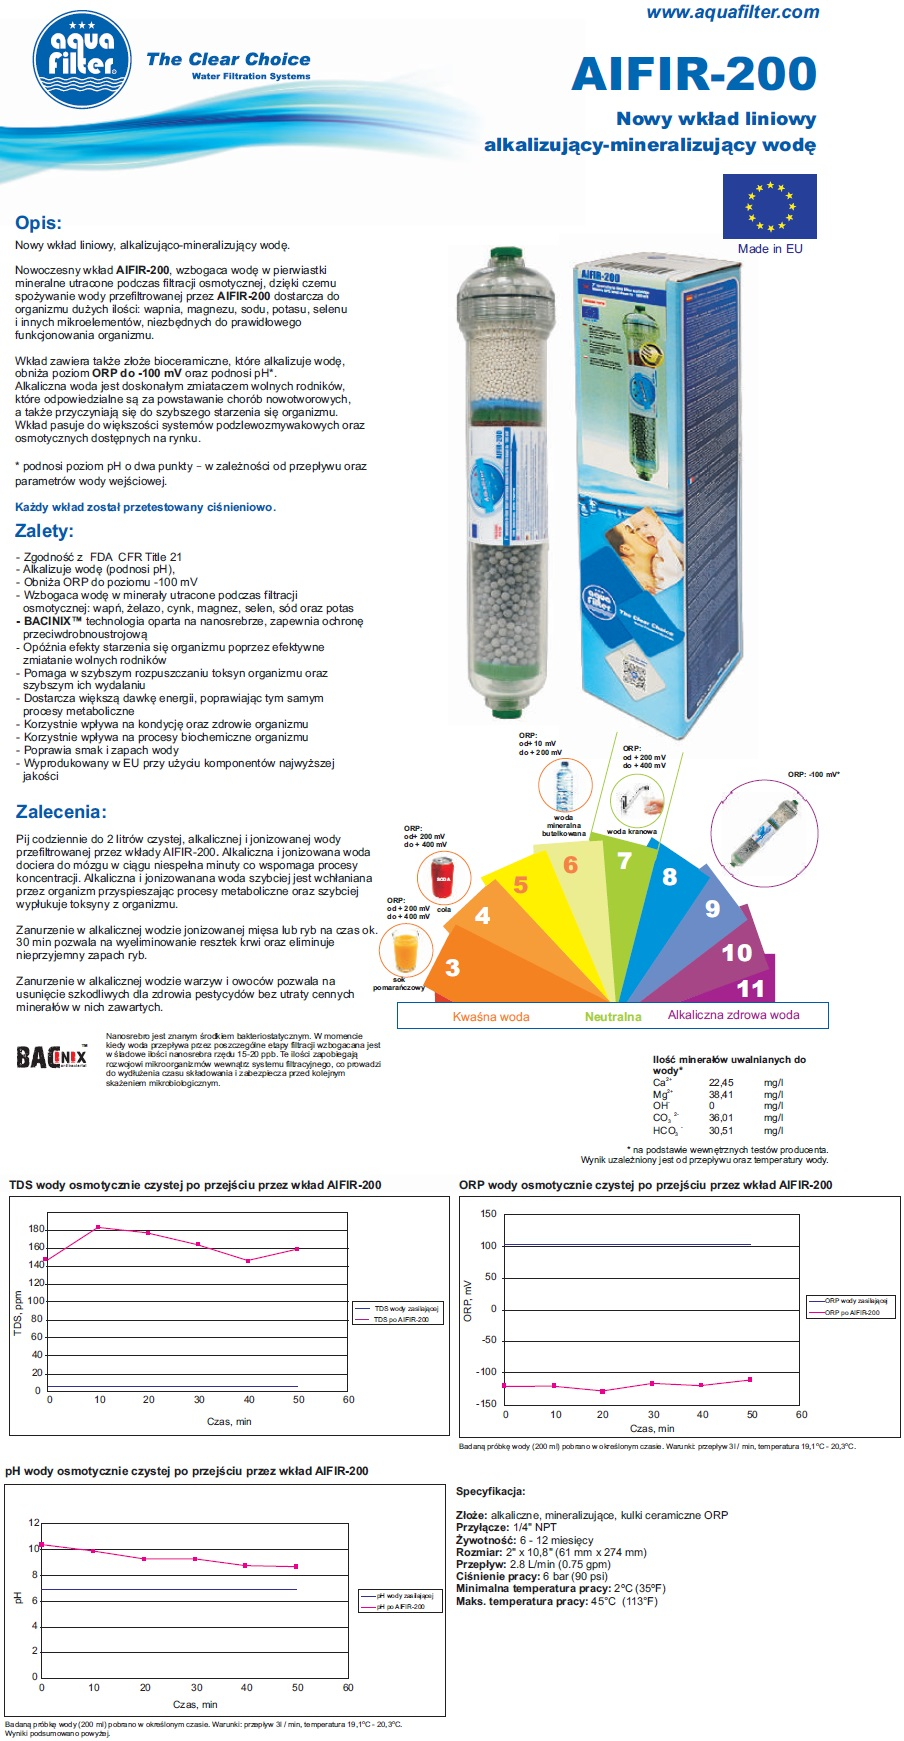 Jonizator wody, wkład jonizujący, alkalizujący odwrócona osmoza, AIFIR-200